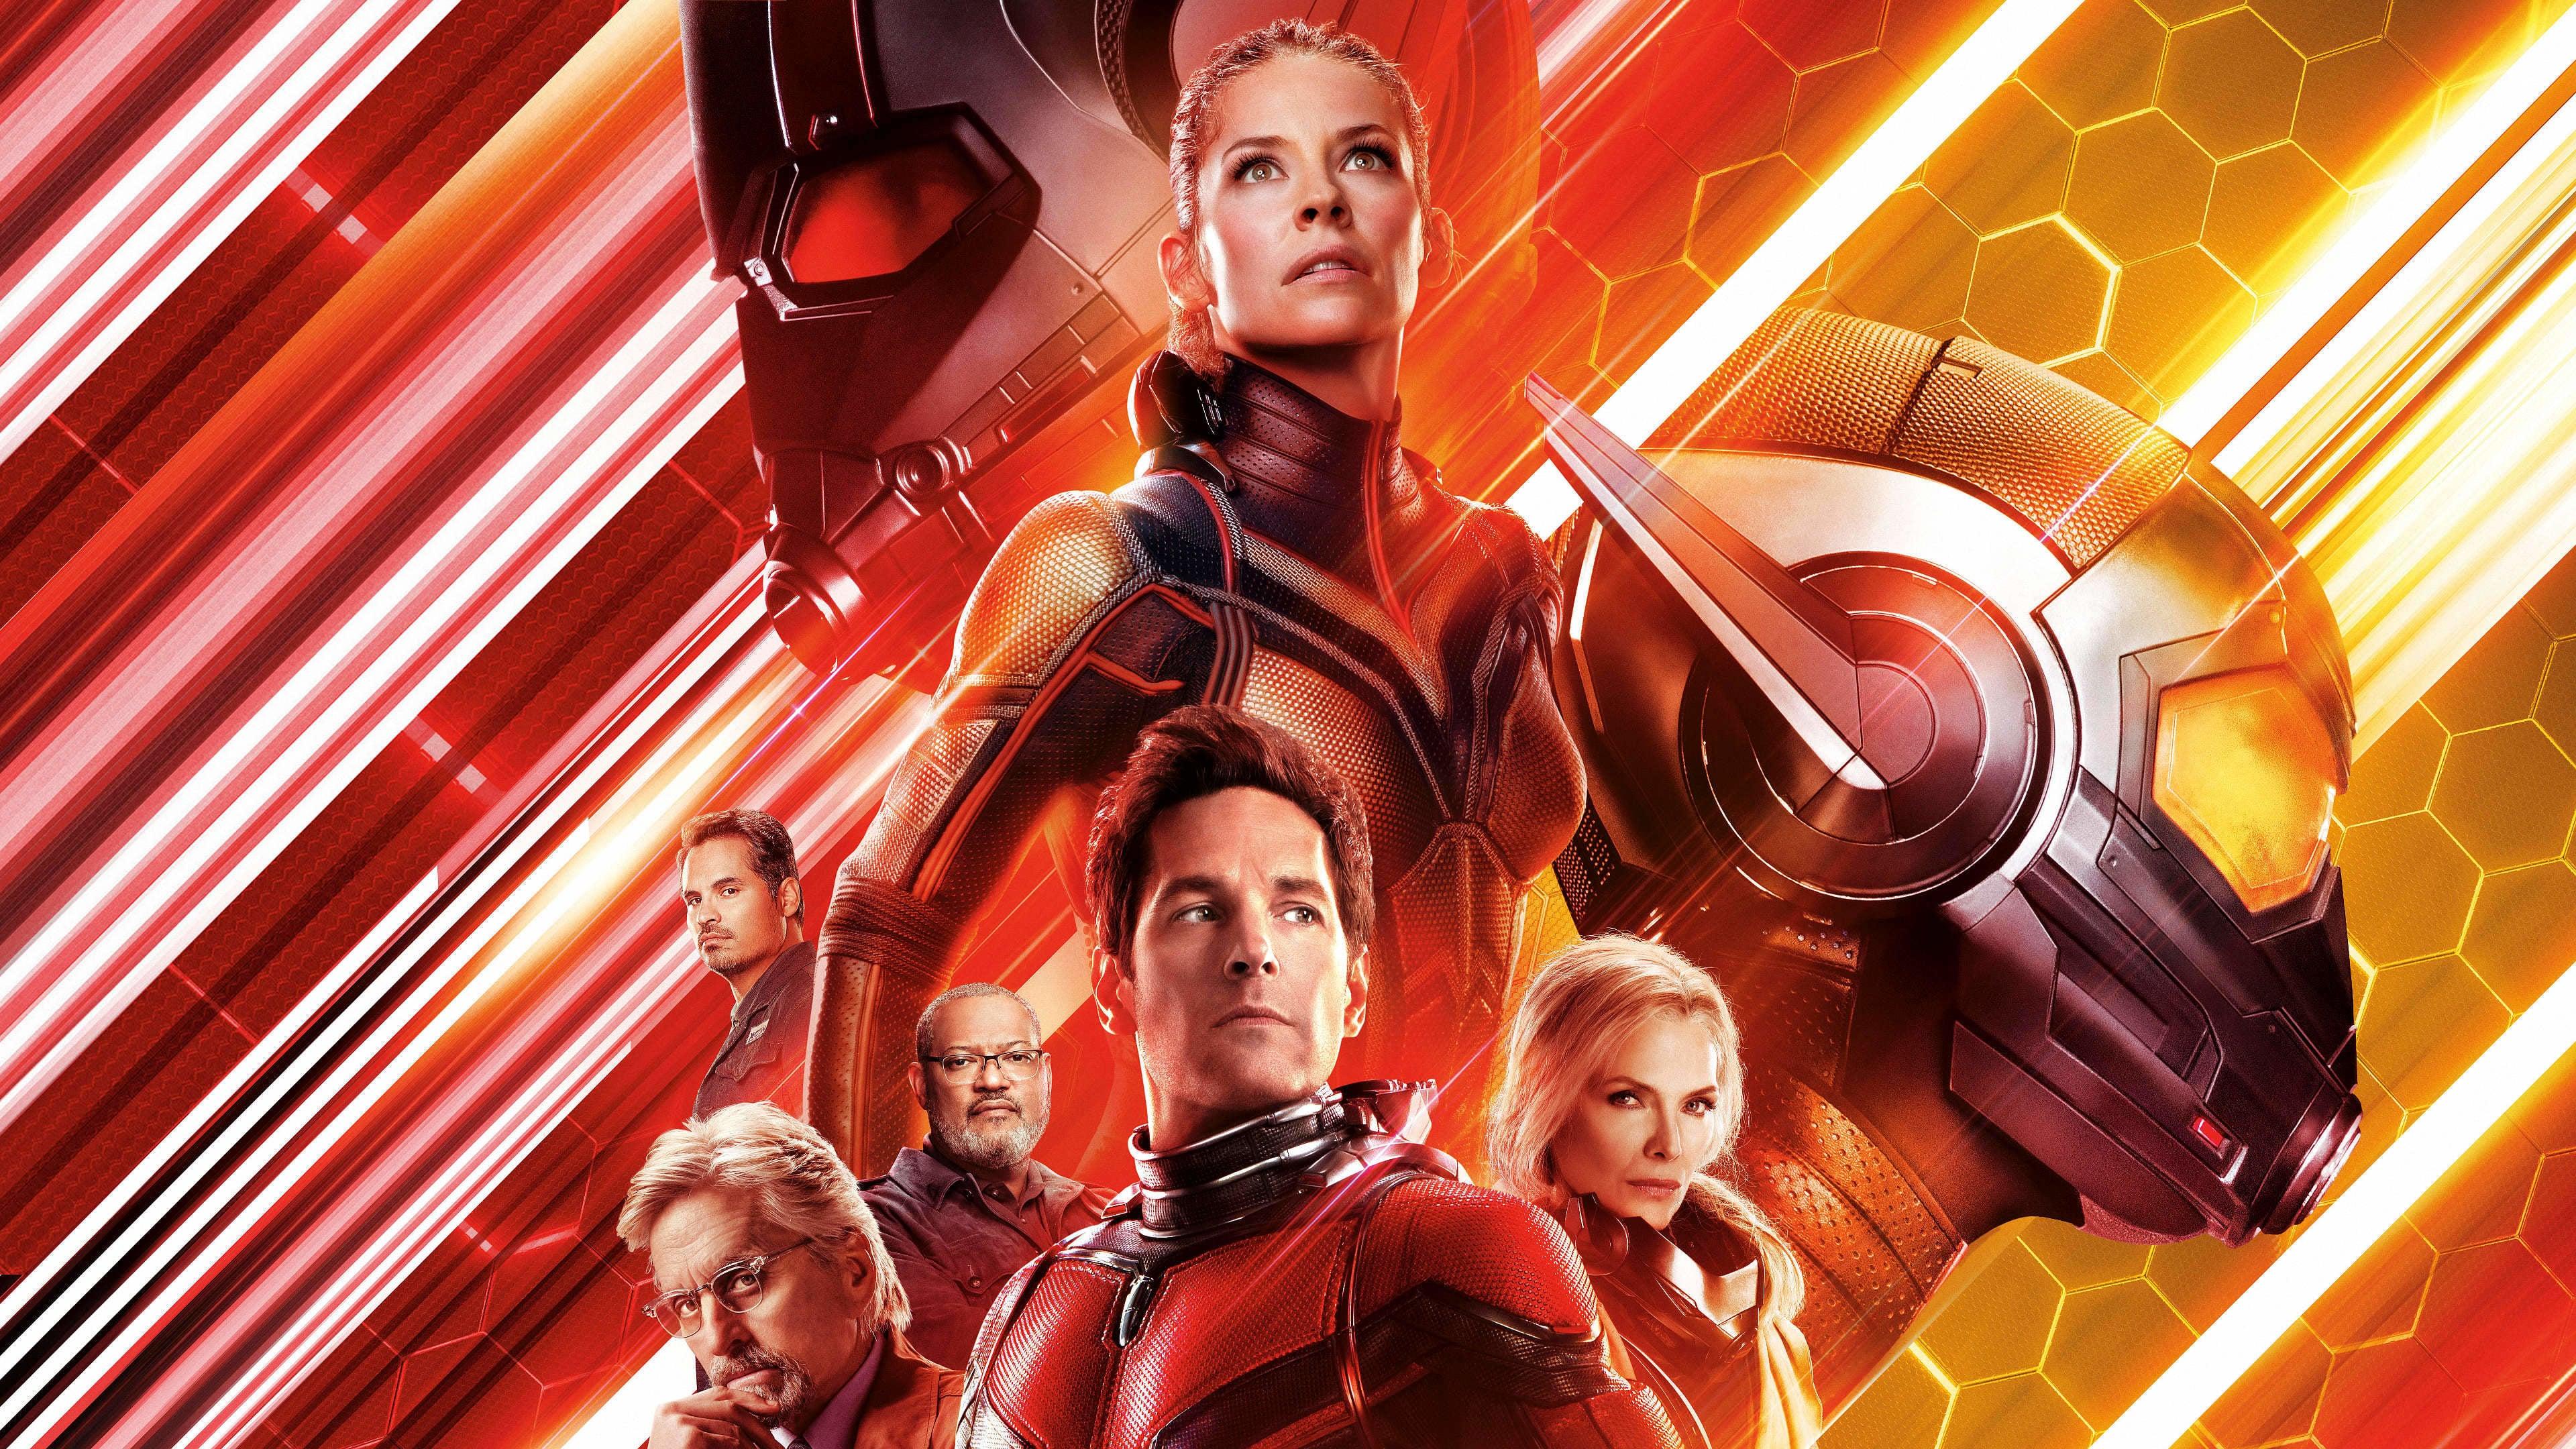 """莫以尺寸论英雄,《蚁人2:黄蜂女现身》带你看超能""""小""""英雄勇闯大世界"""